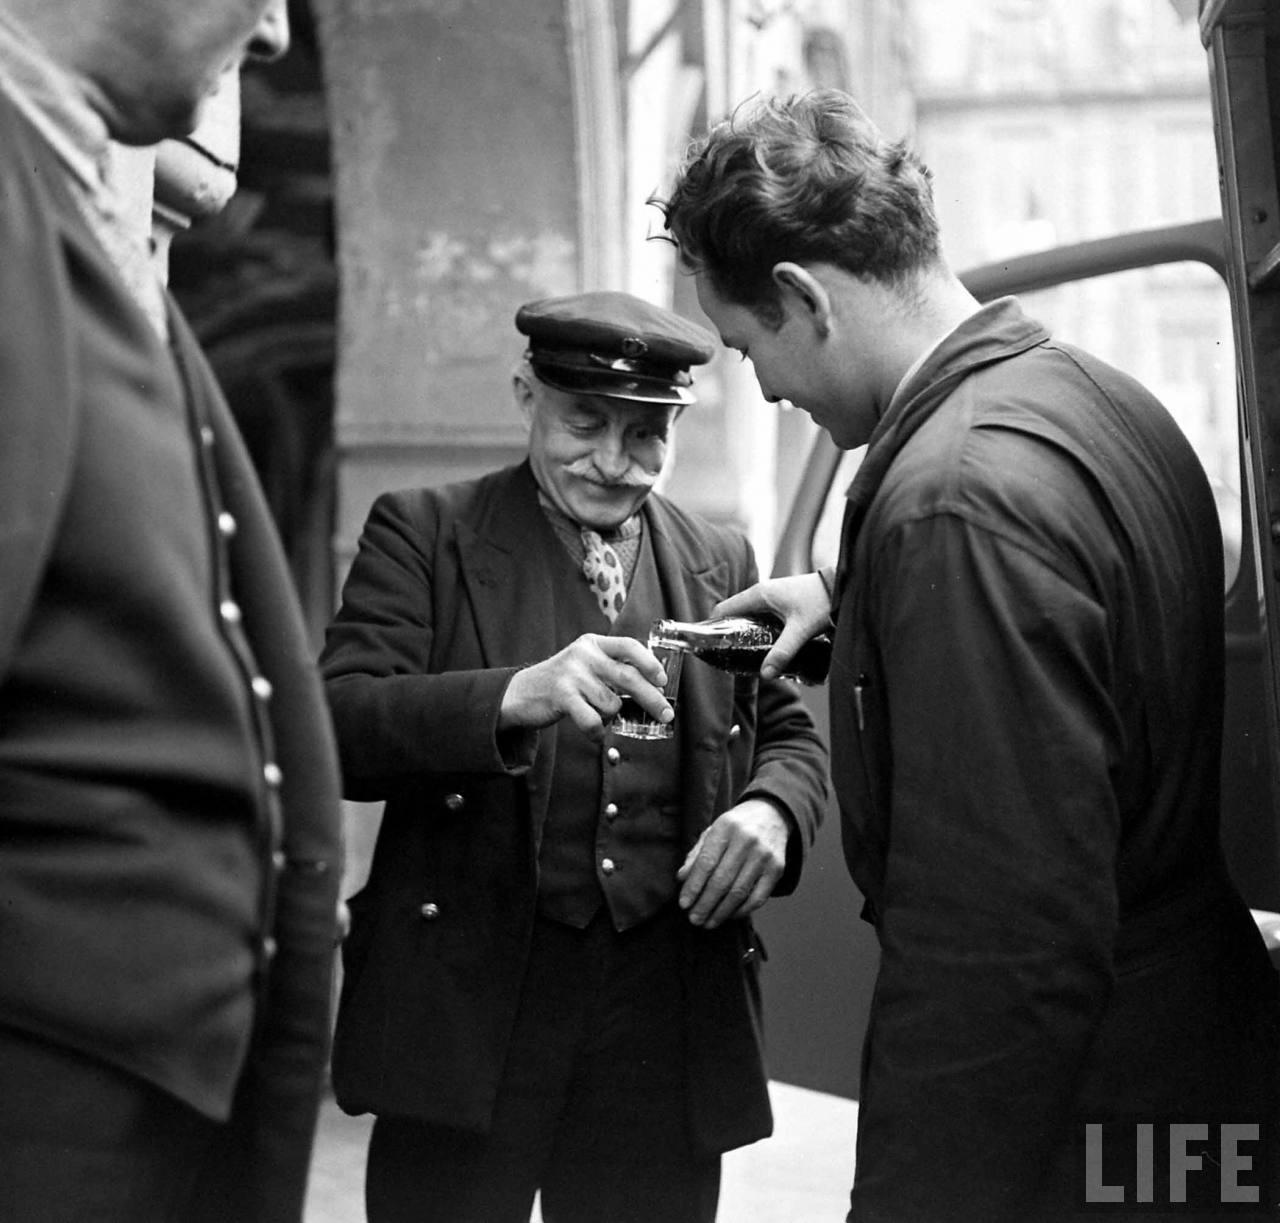 1950 coca cola arrive france 04 1950, Coca Cola arrive en France